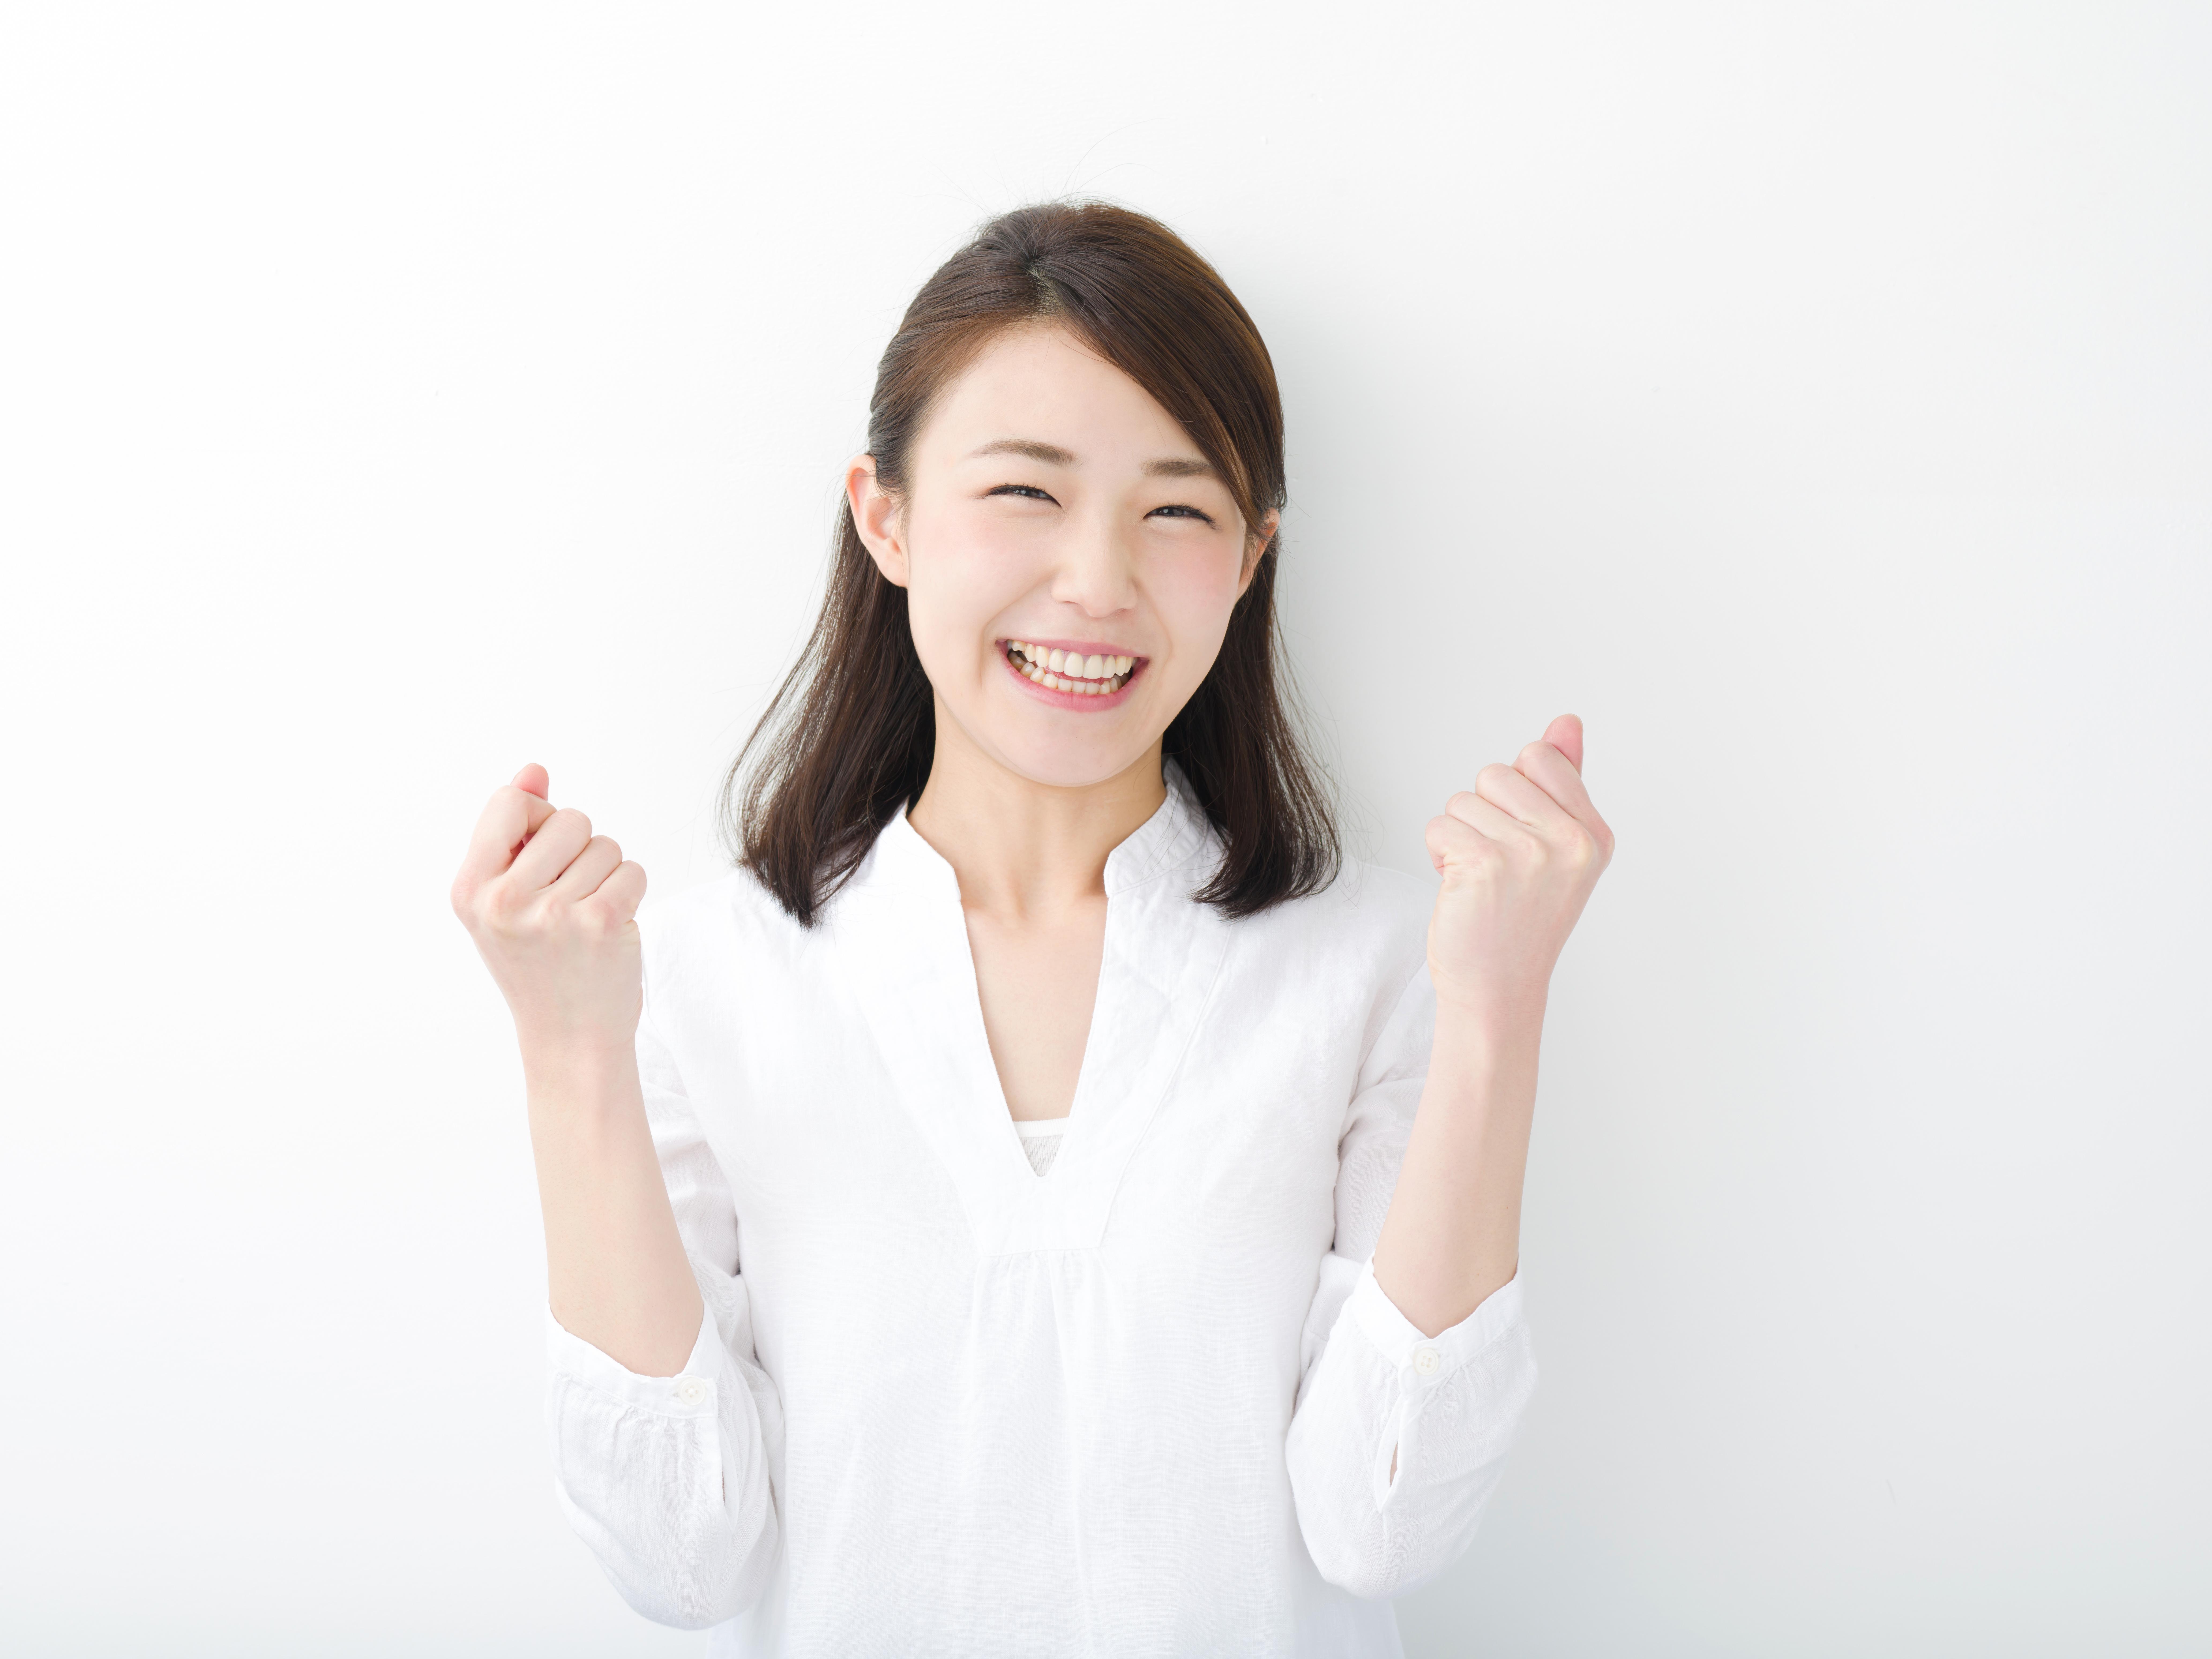 虫歯を自力で治す~治せる虫歯と治せない虫歯の見分け方~